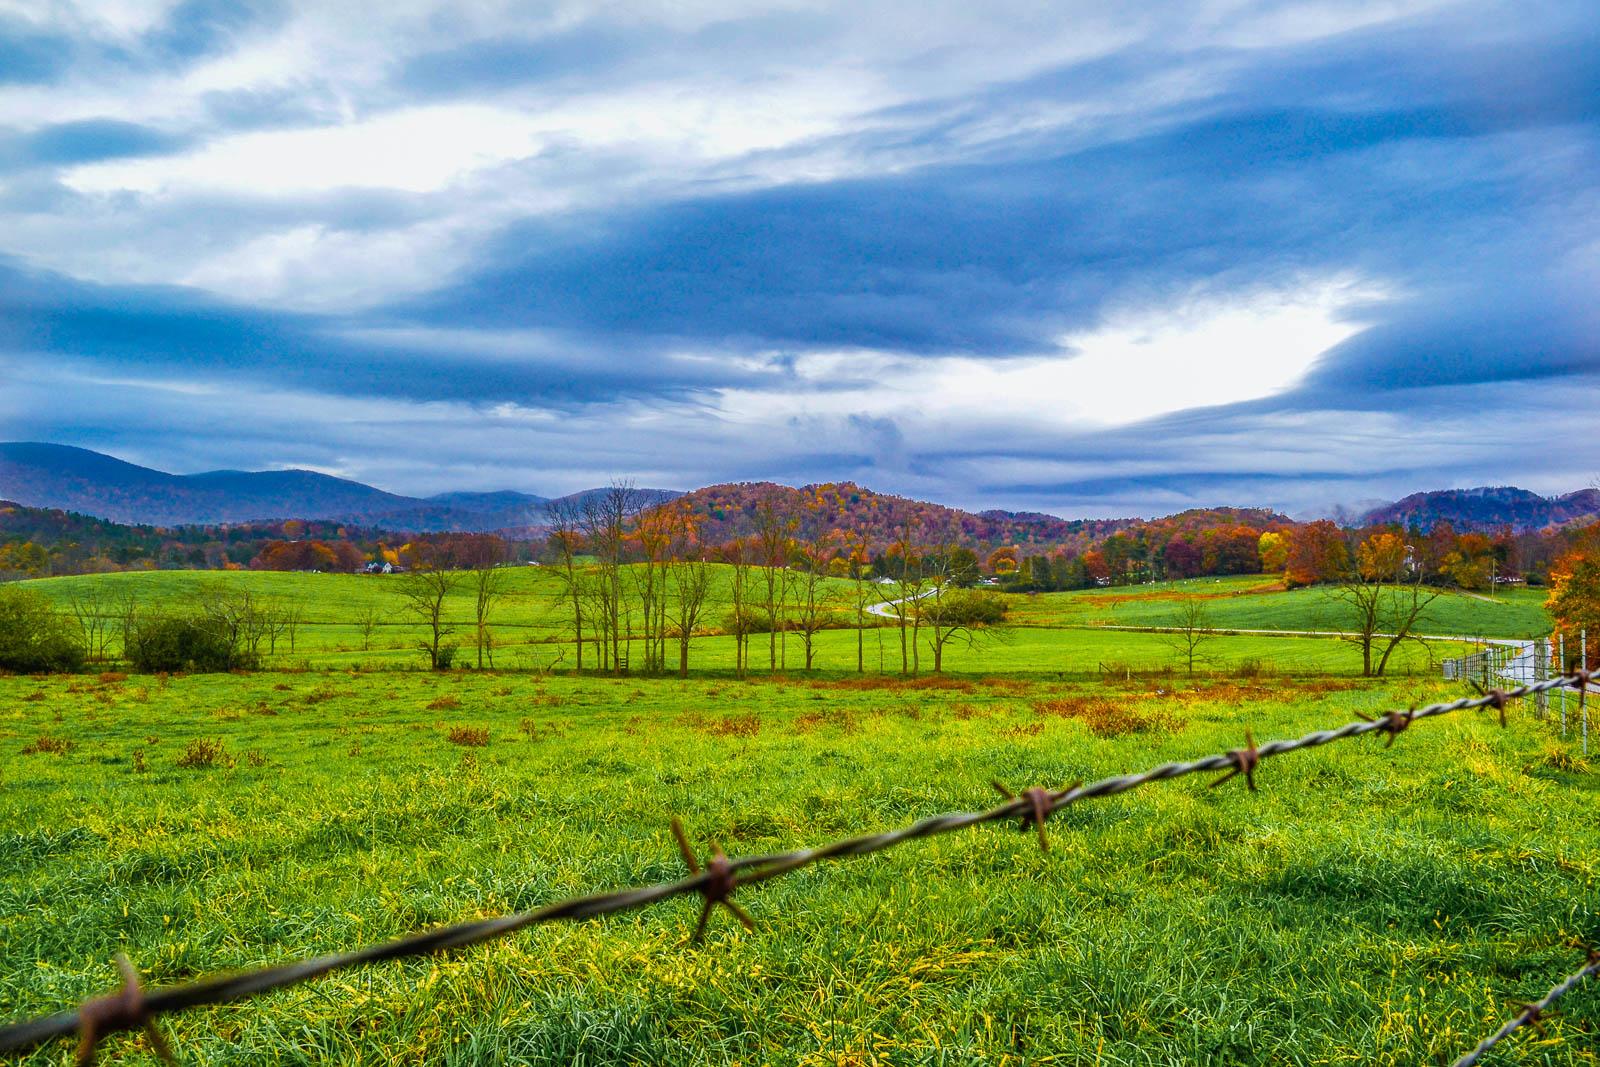 Autumn Day On the Farm